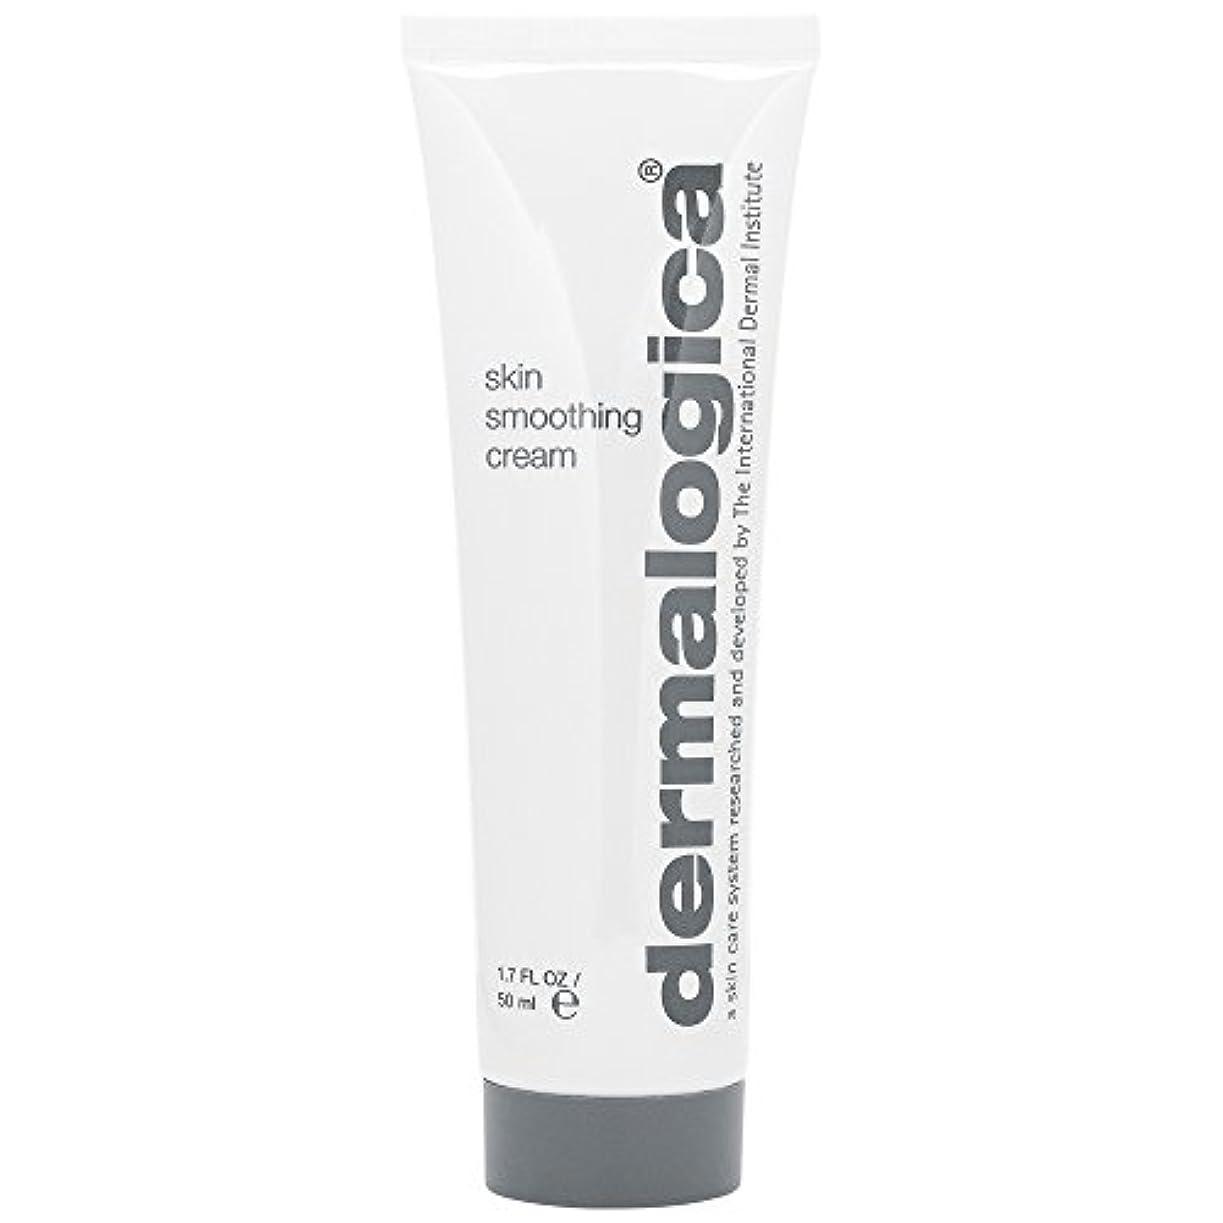 二度パブ擬人ダーマロジカスキンスムージングクリーム50ミリリットル (Dermalogica) - Dermalogica Skin Smoothing Cream 50ml [並行輸入品]